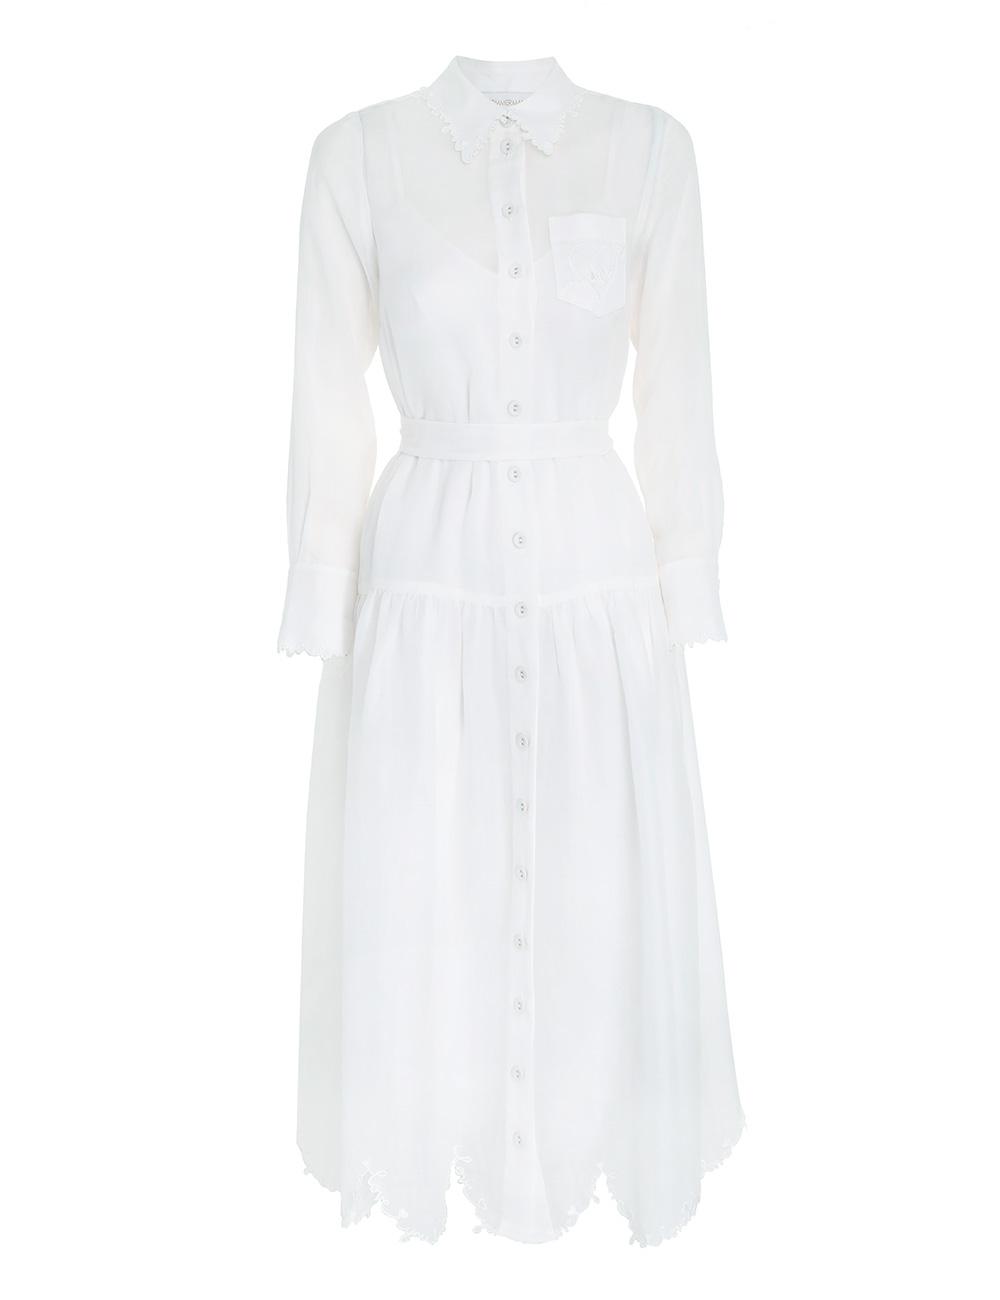 The Lovestruck Shirt Dress